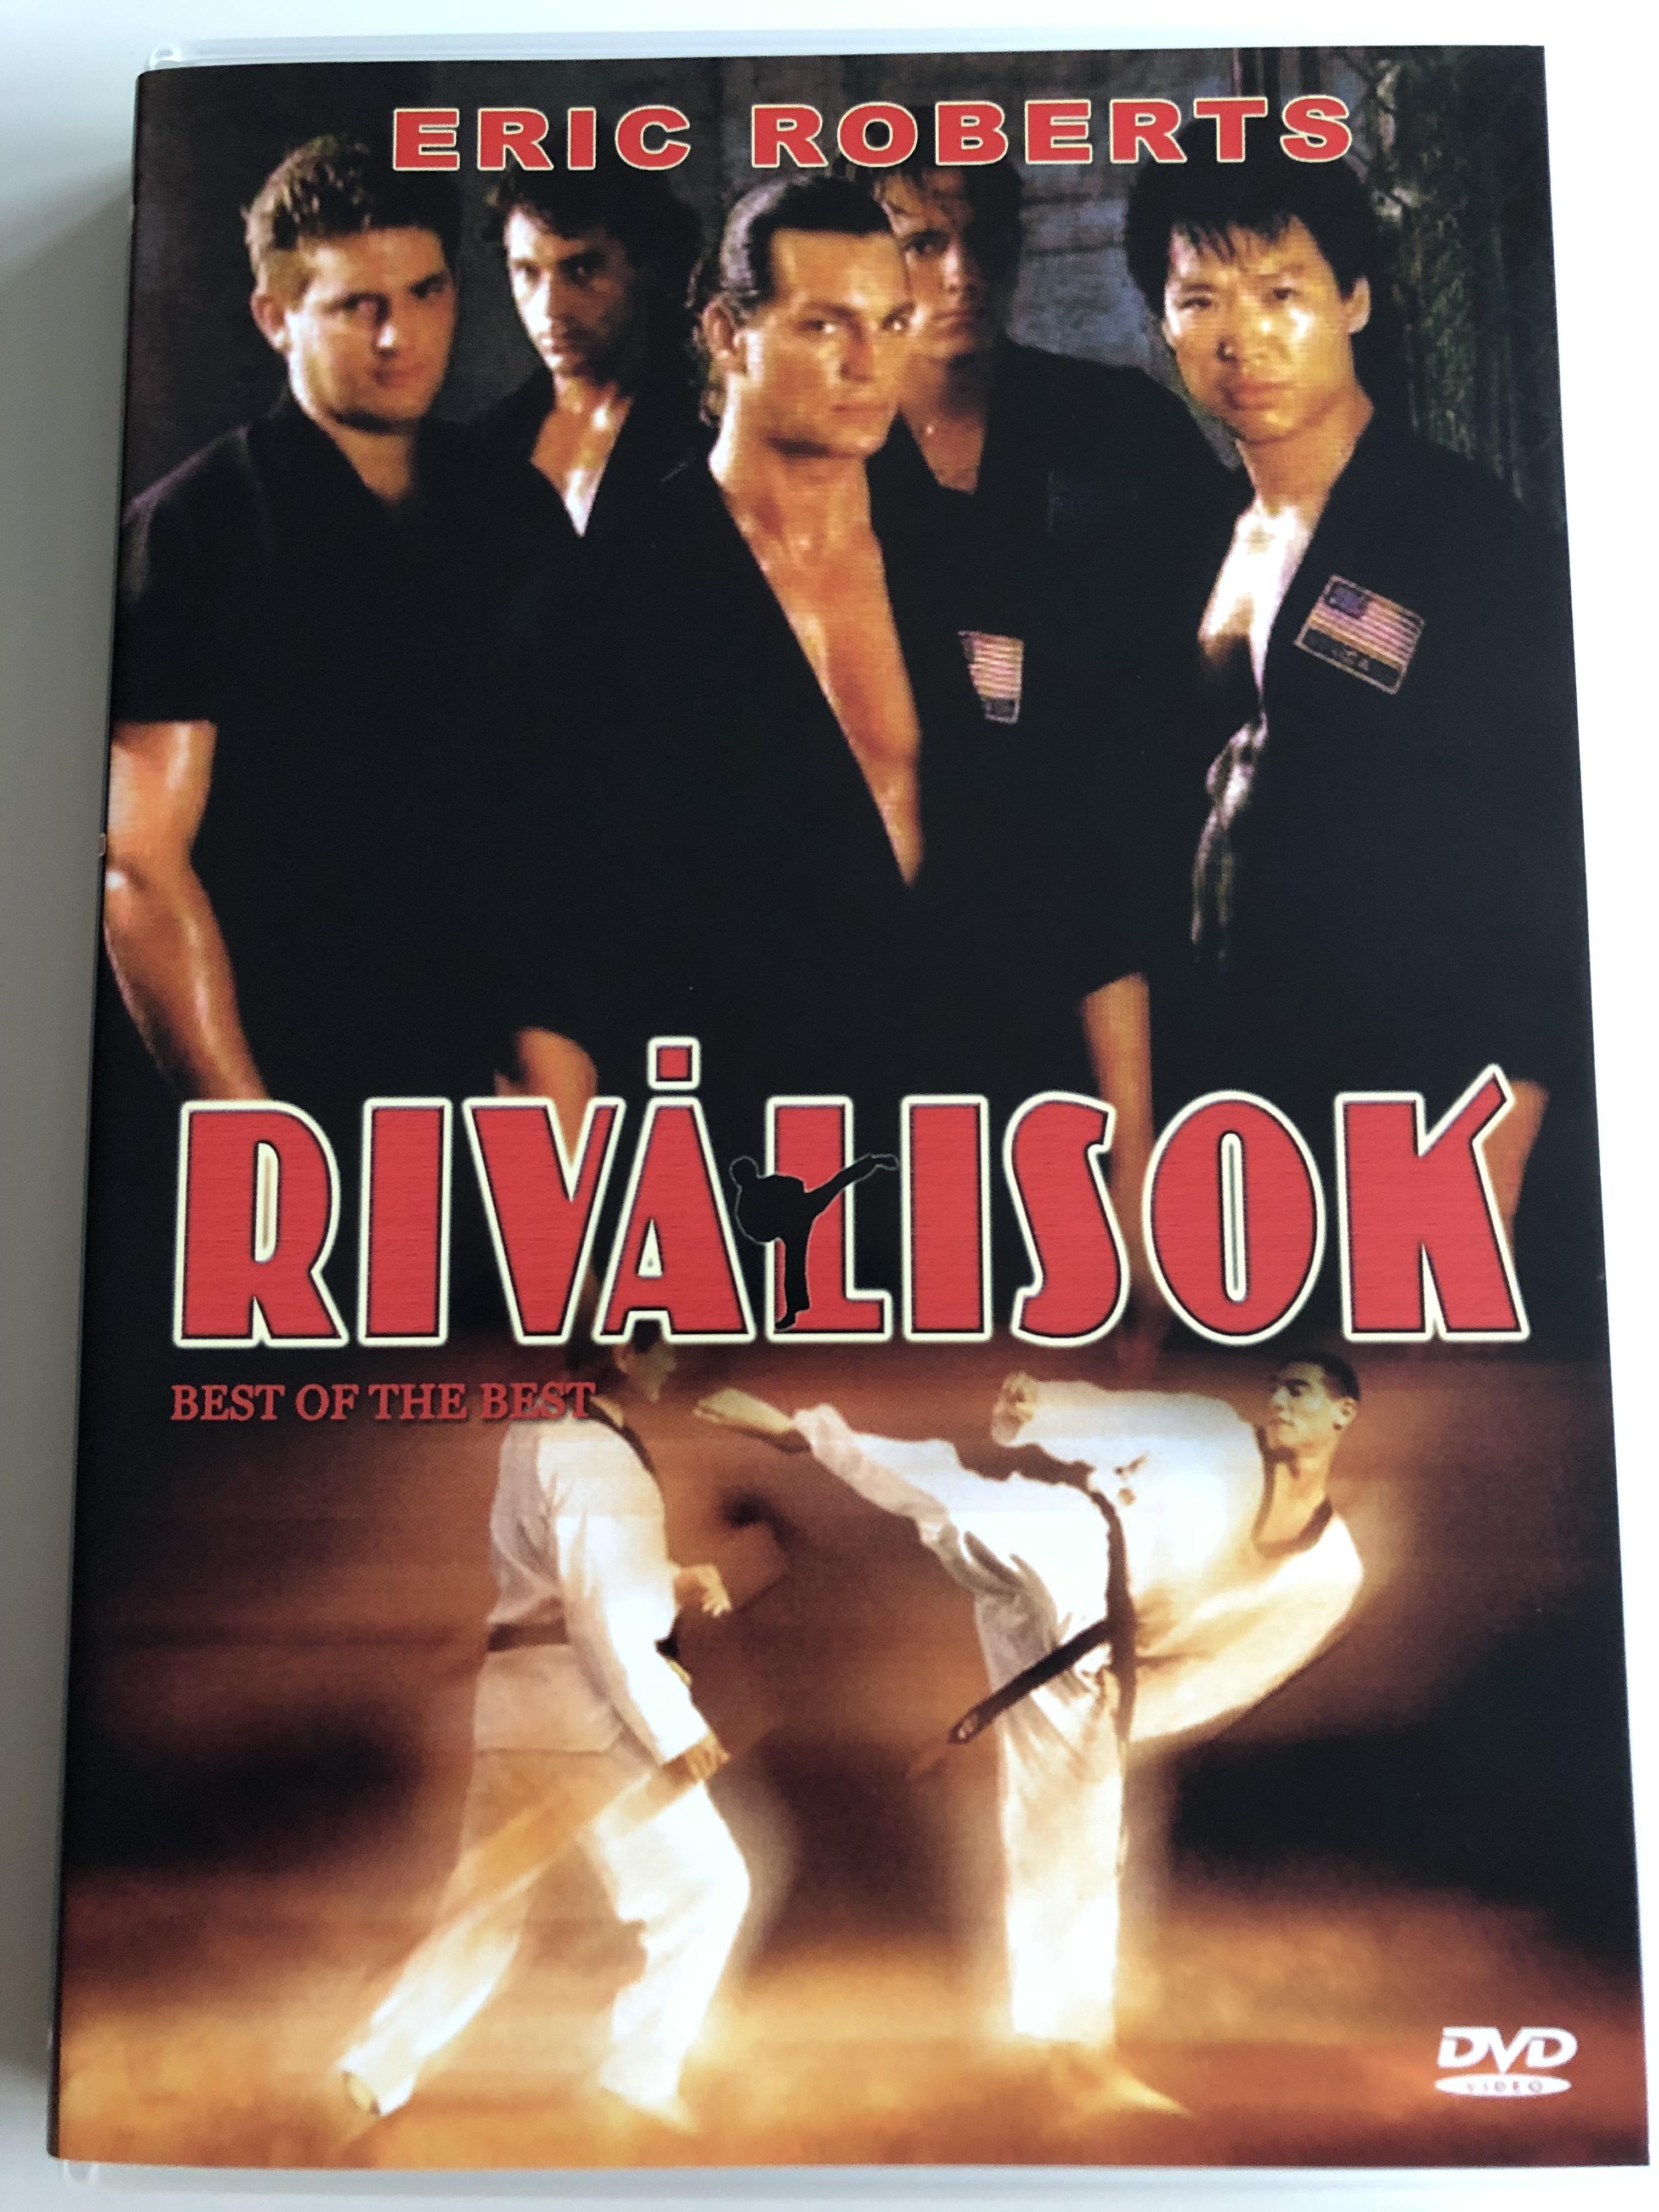 best-of-the-best-dvd-1989-riv-lisok-directed-by-robert-radler-starring-eric-roberts-james-earl-jones-sally-kirkland-phillip-rhee-john-p.-ryan-john-dye-david-agresta-1-.jpg